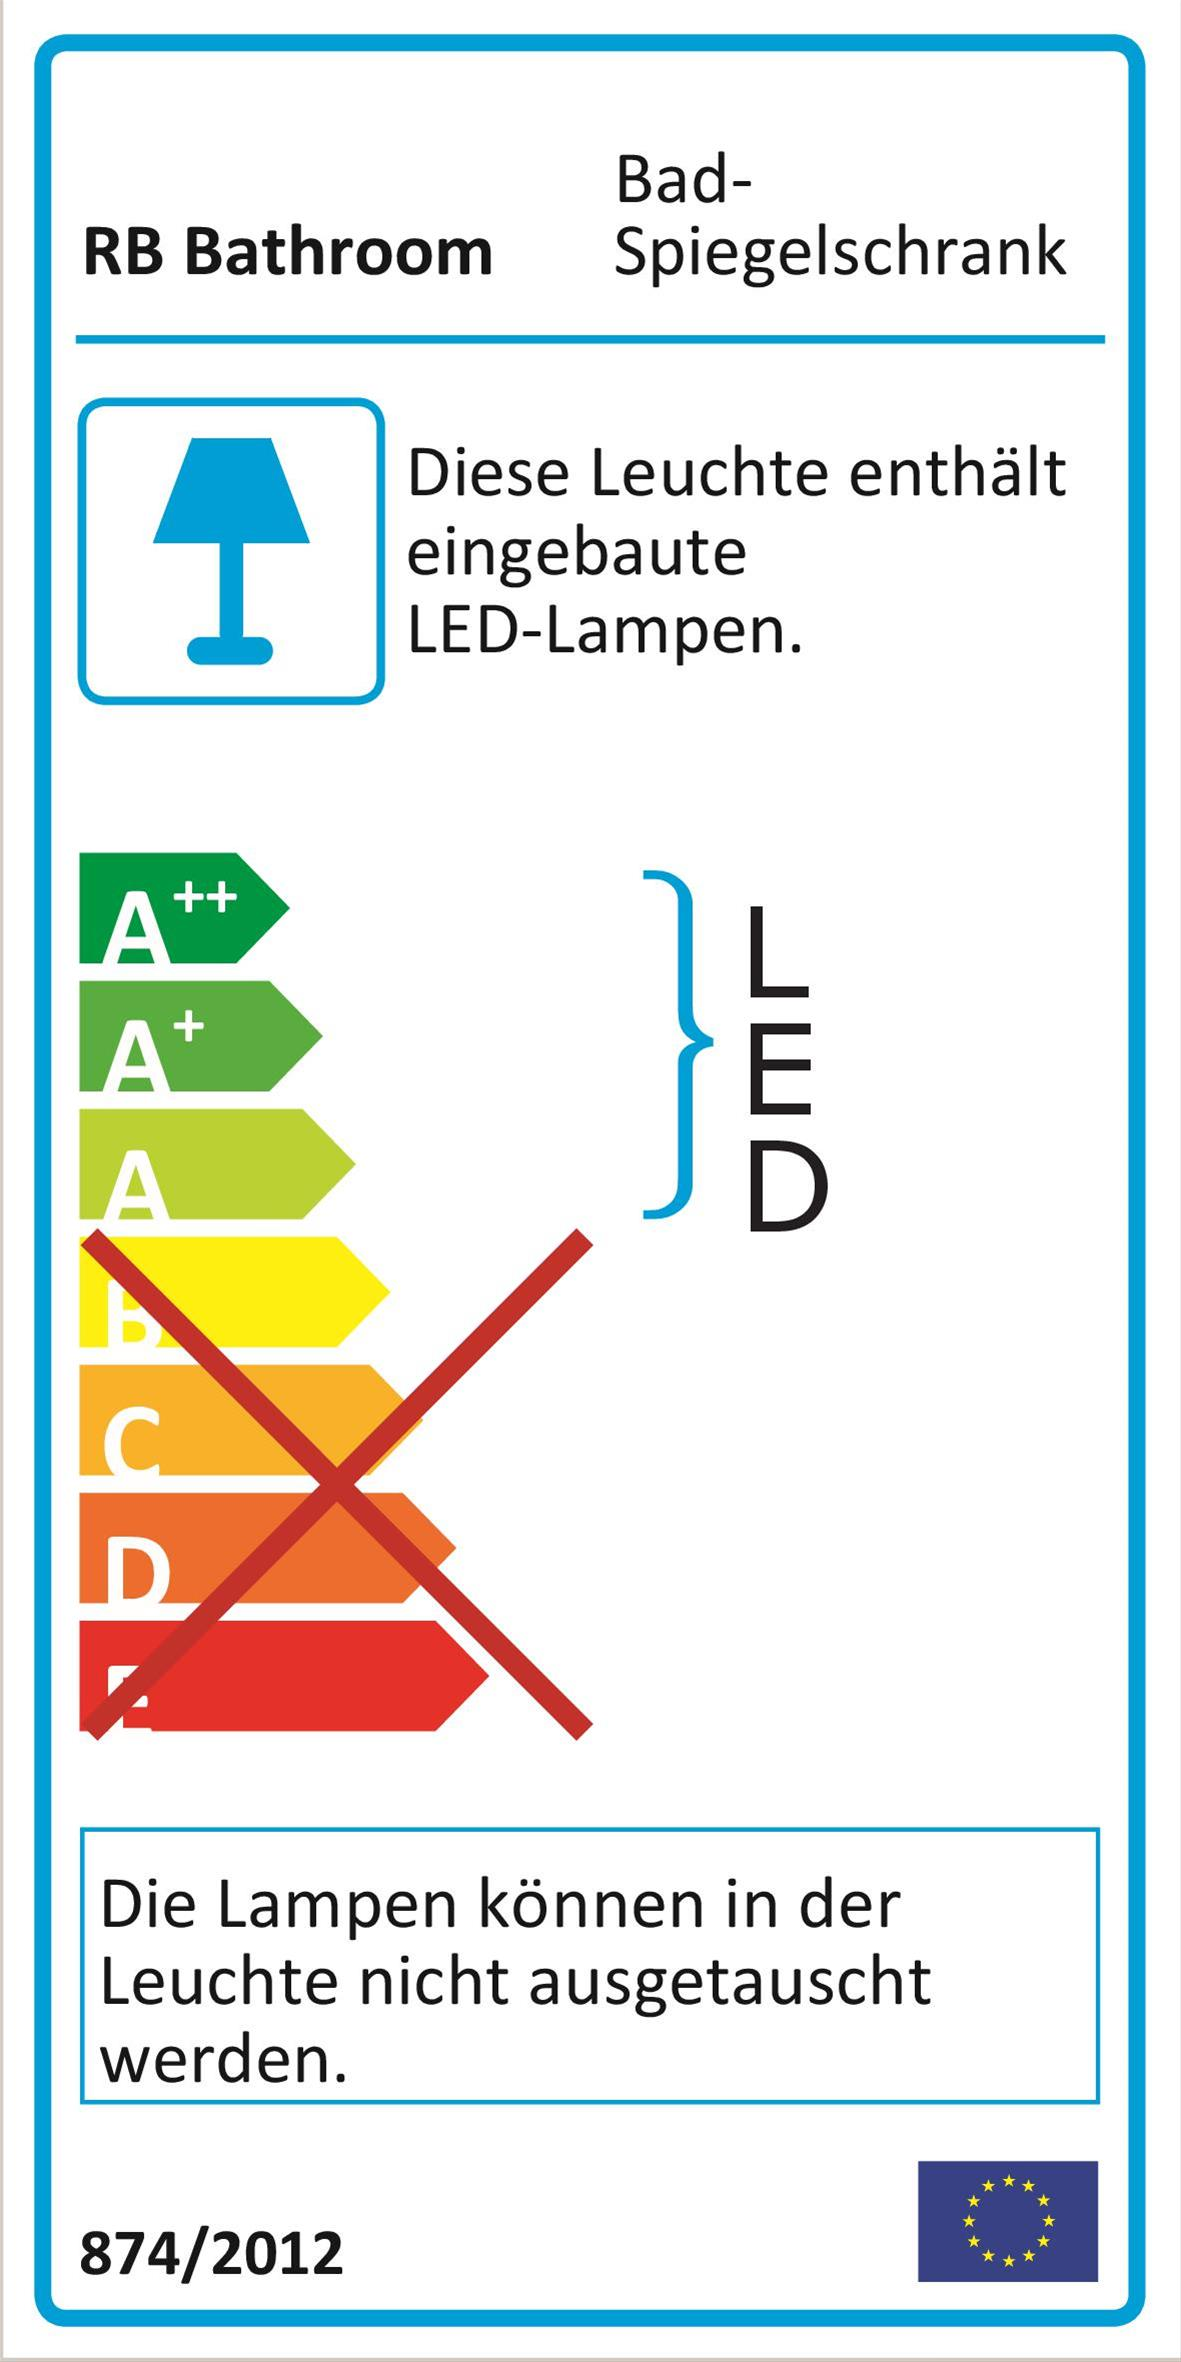 Bad LED Spiegelschrank Scandic 60 Esche Bild 5